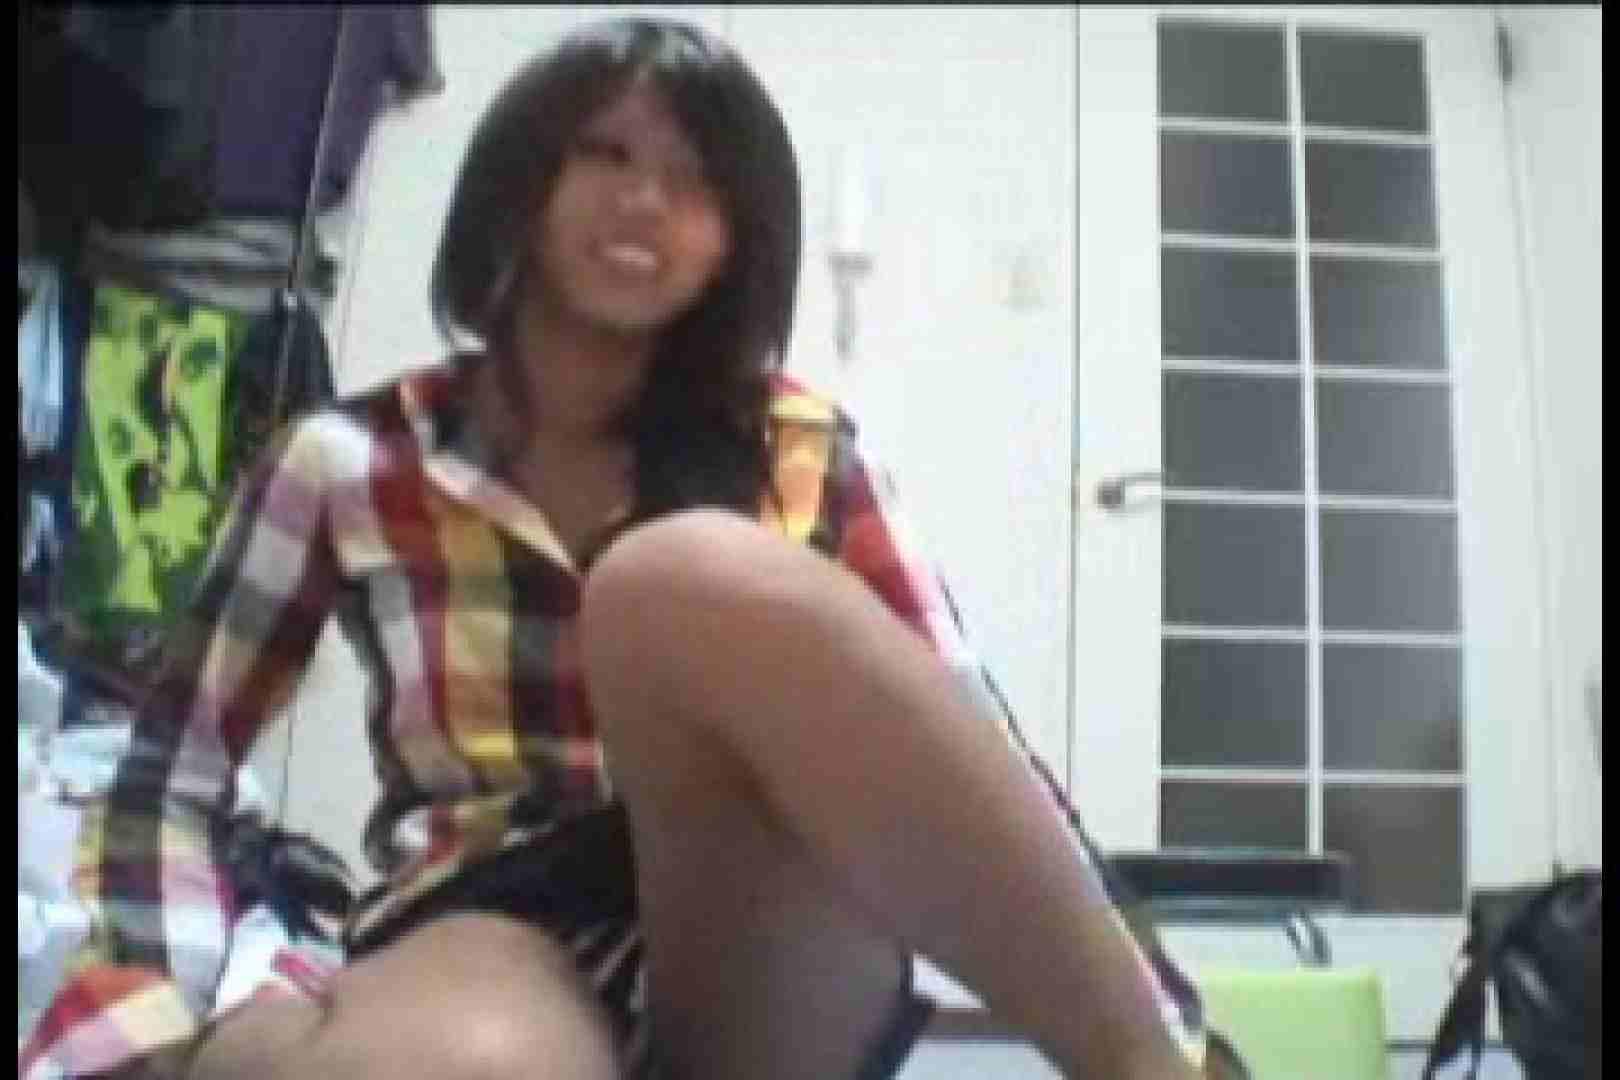 パンツ売りの女の子 まどかちゃんvol.1 モロだしオマンコ  107pic 12